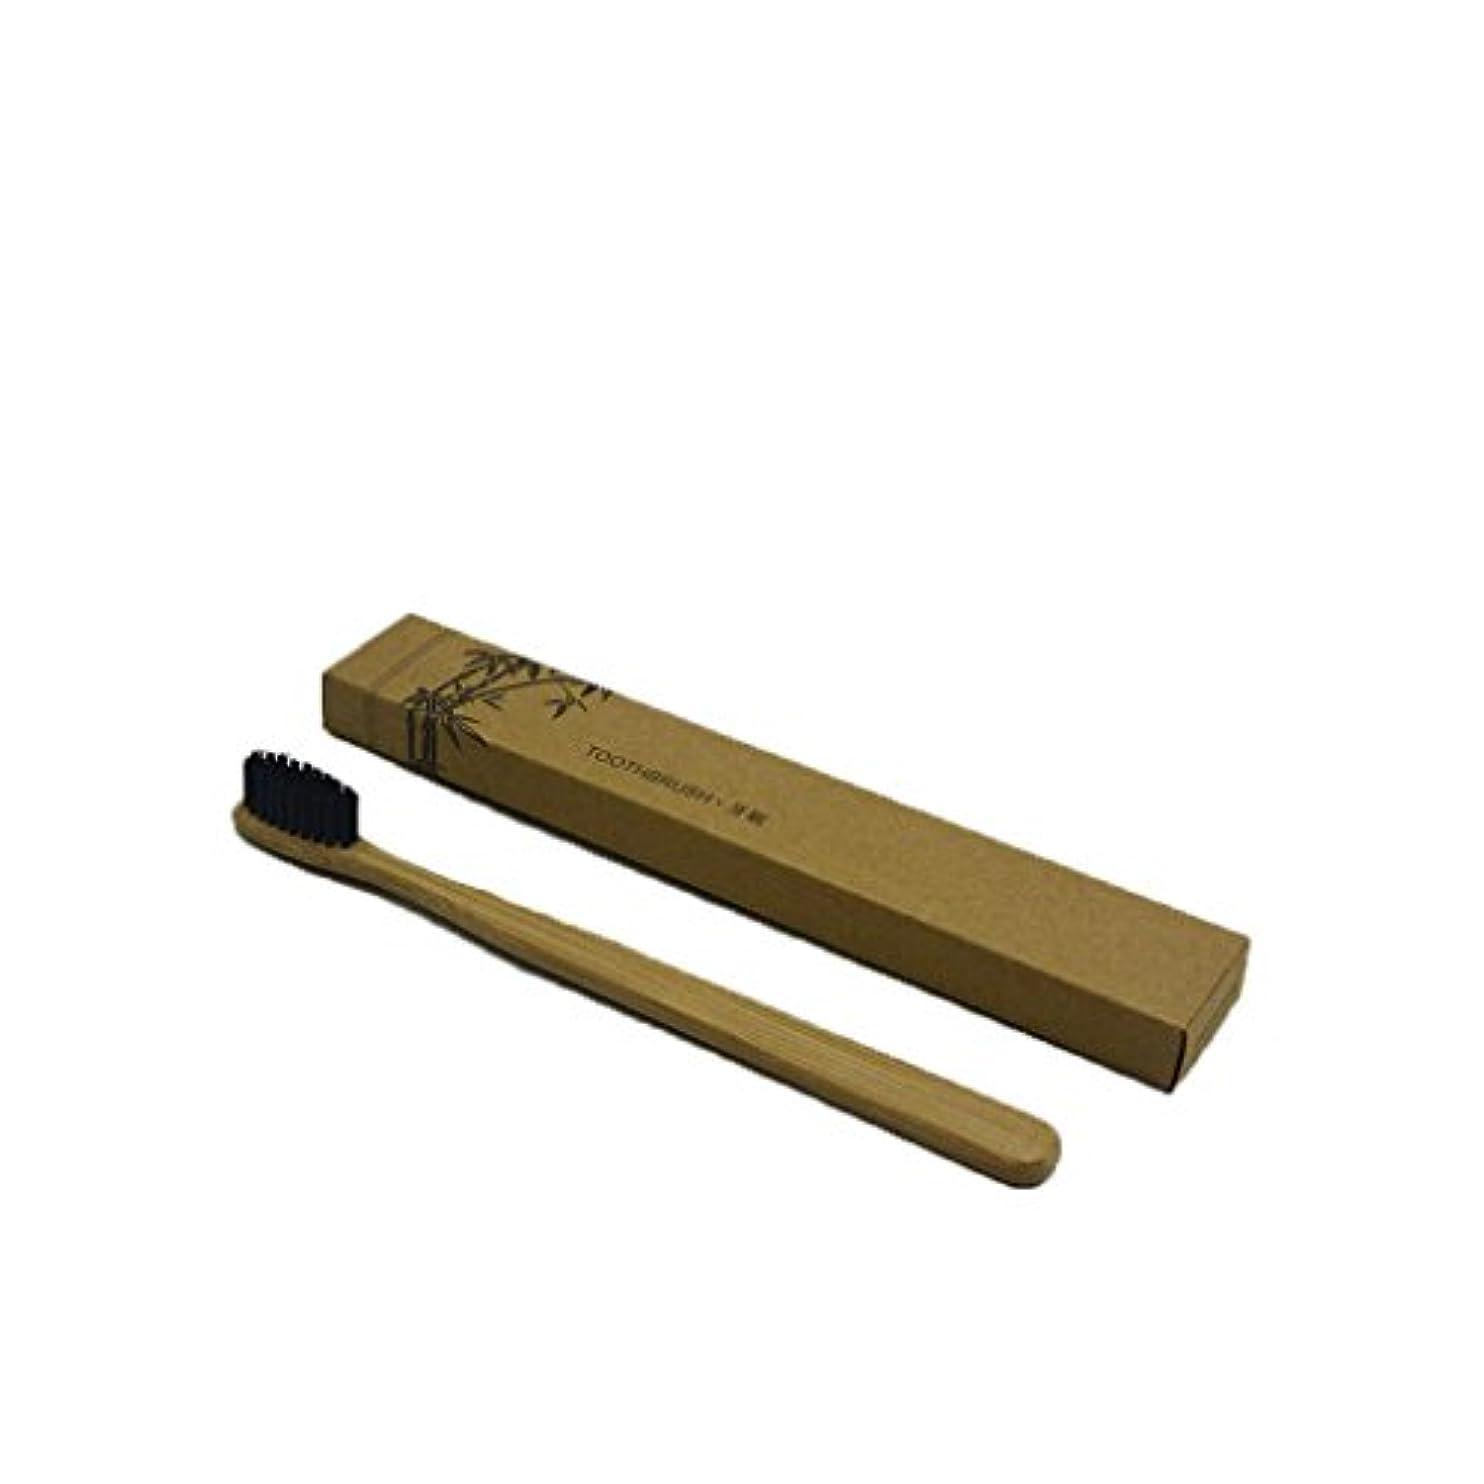 桃大胆不敵ロッジArichops 竹製歯ブラシ ミディアム及びソフト、生分解性、ビーガン、バイオ、エコ、持続可能な木製ハンドル、ホワイトニング 歯 竹歯ブラシ